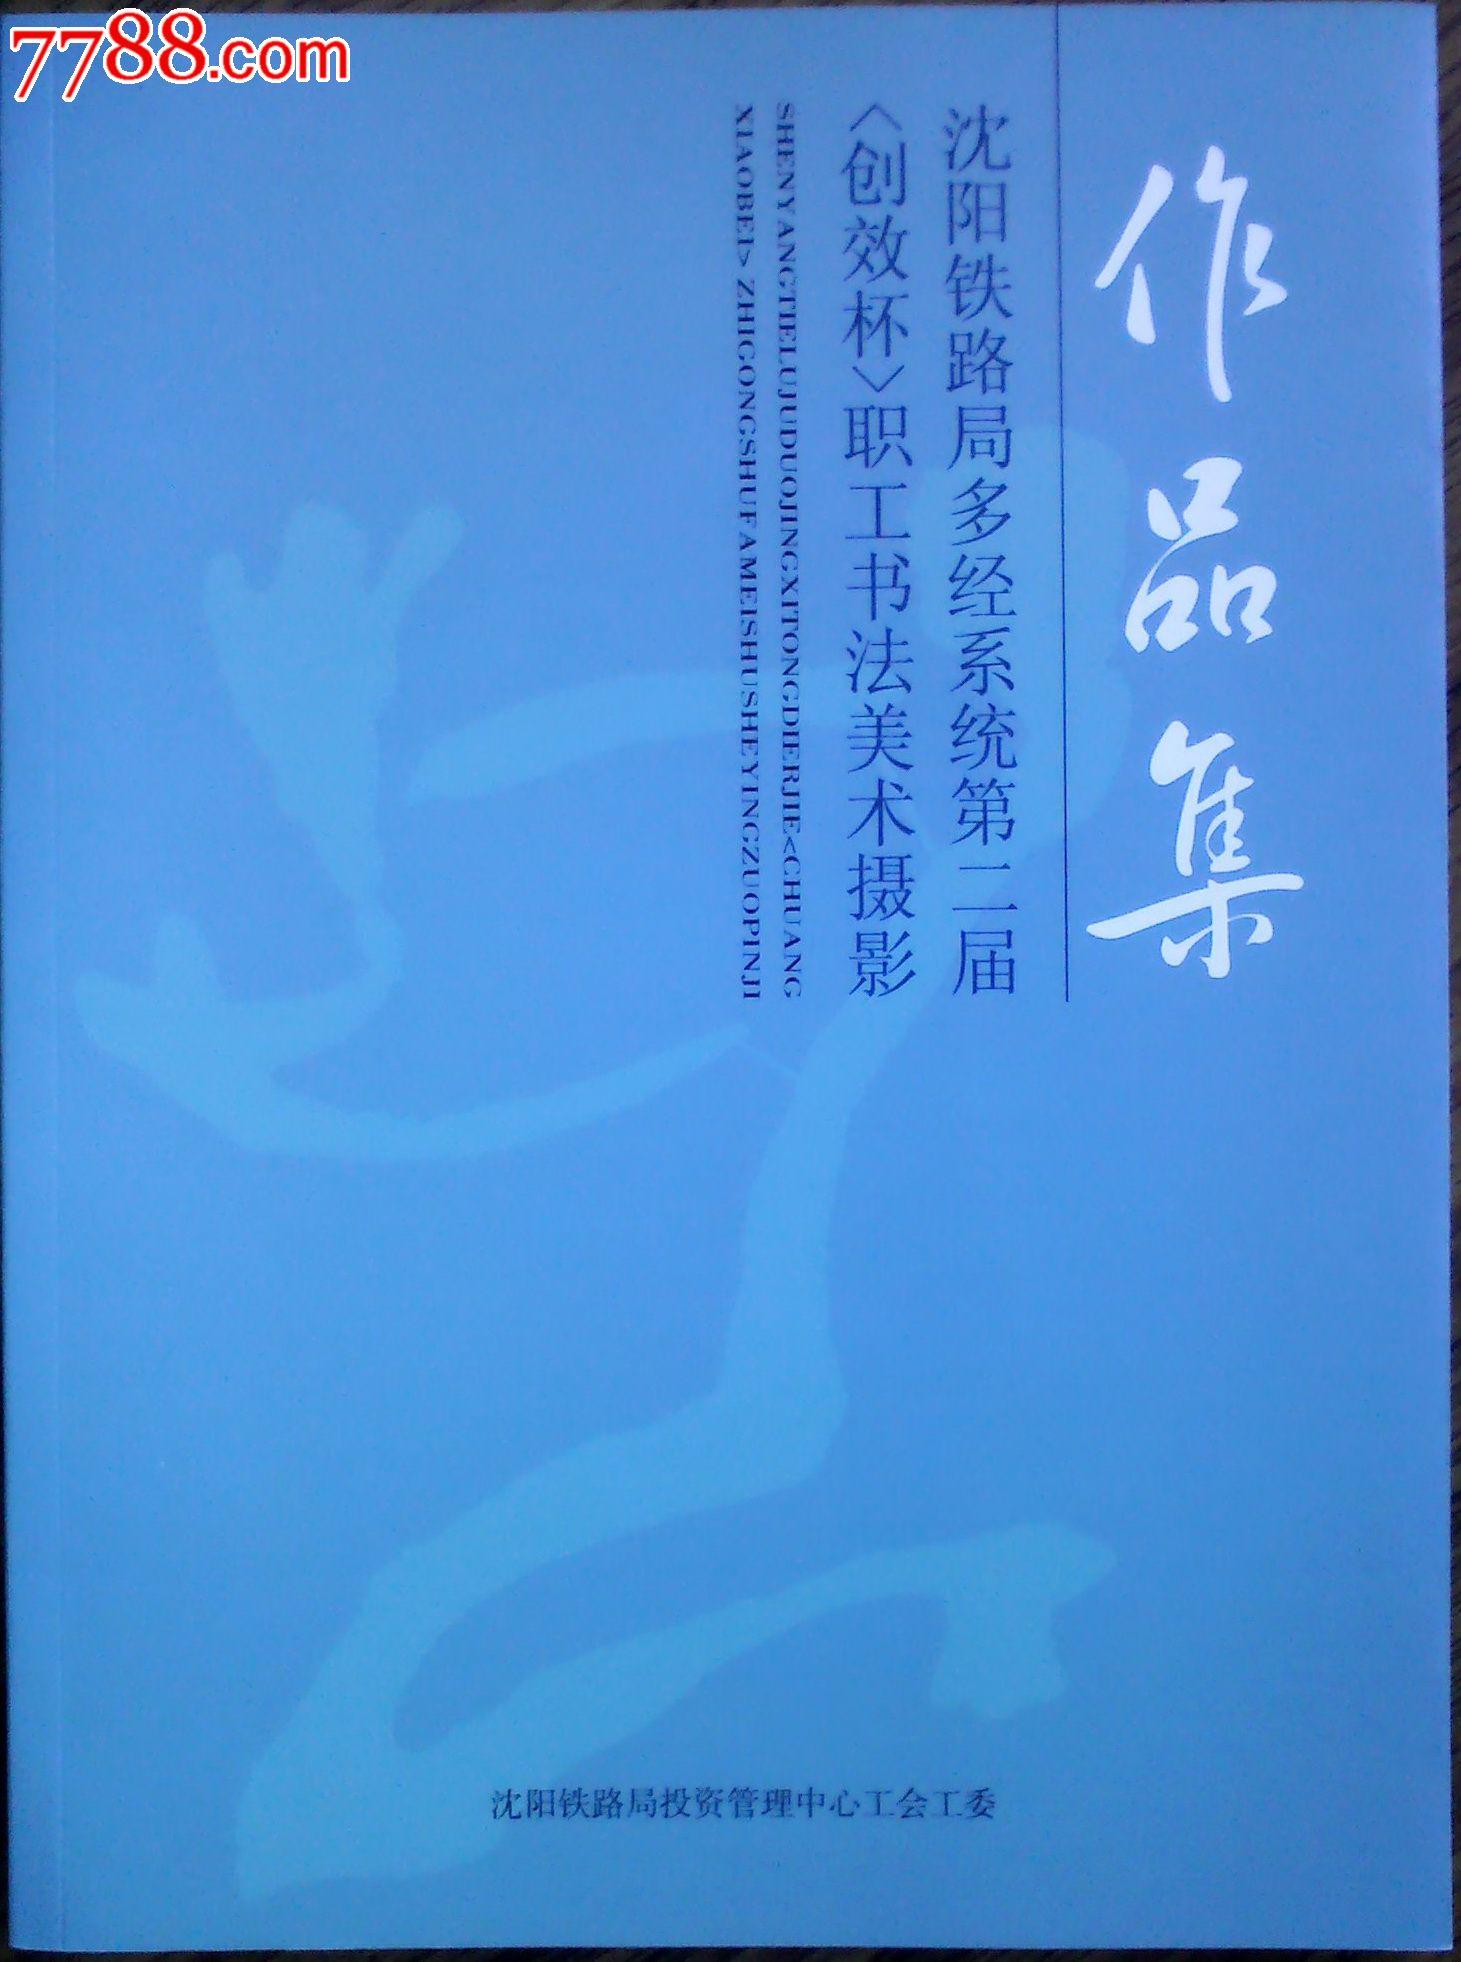 沈阳铁路局多经系统第二届(创效杯)职工书法美术摄影作品集图片